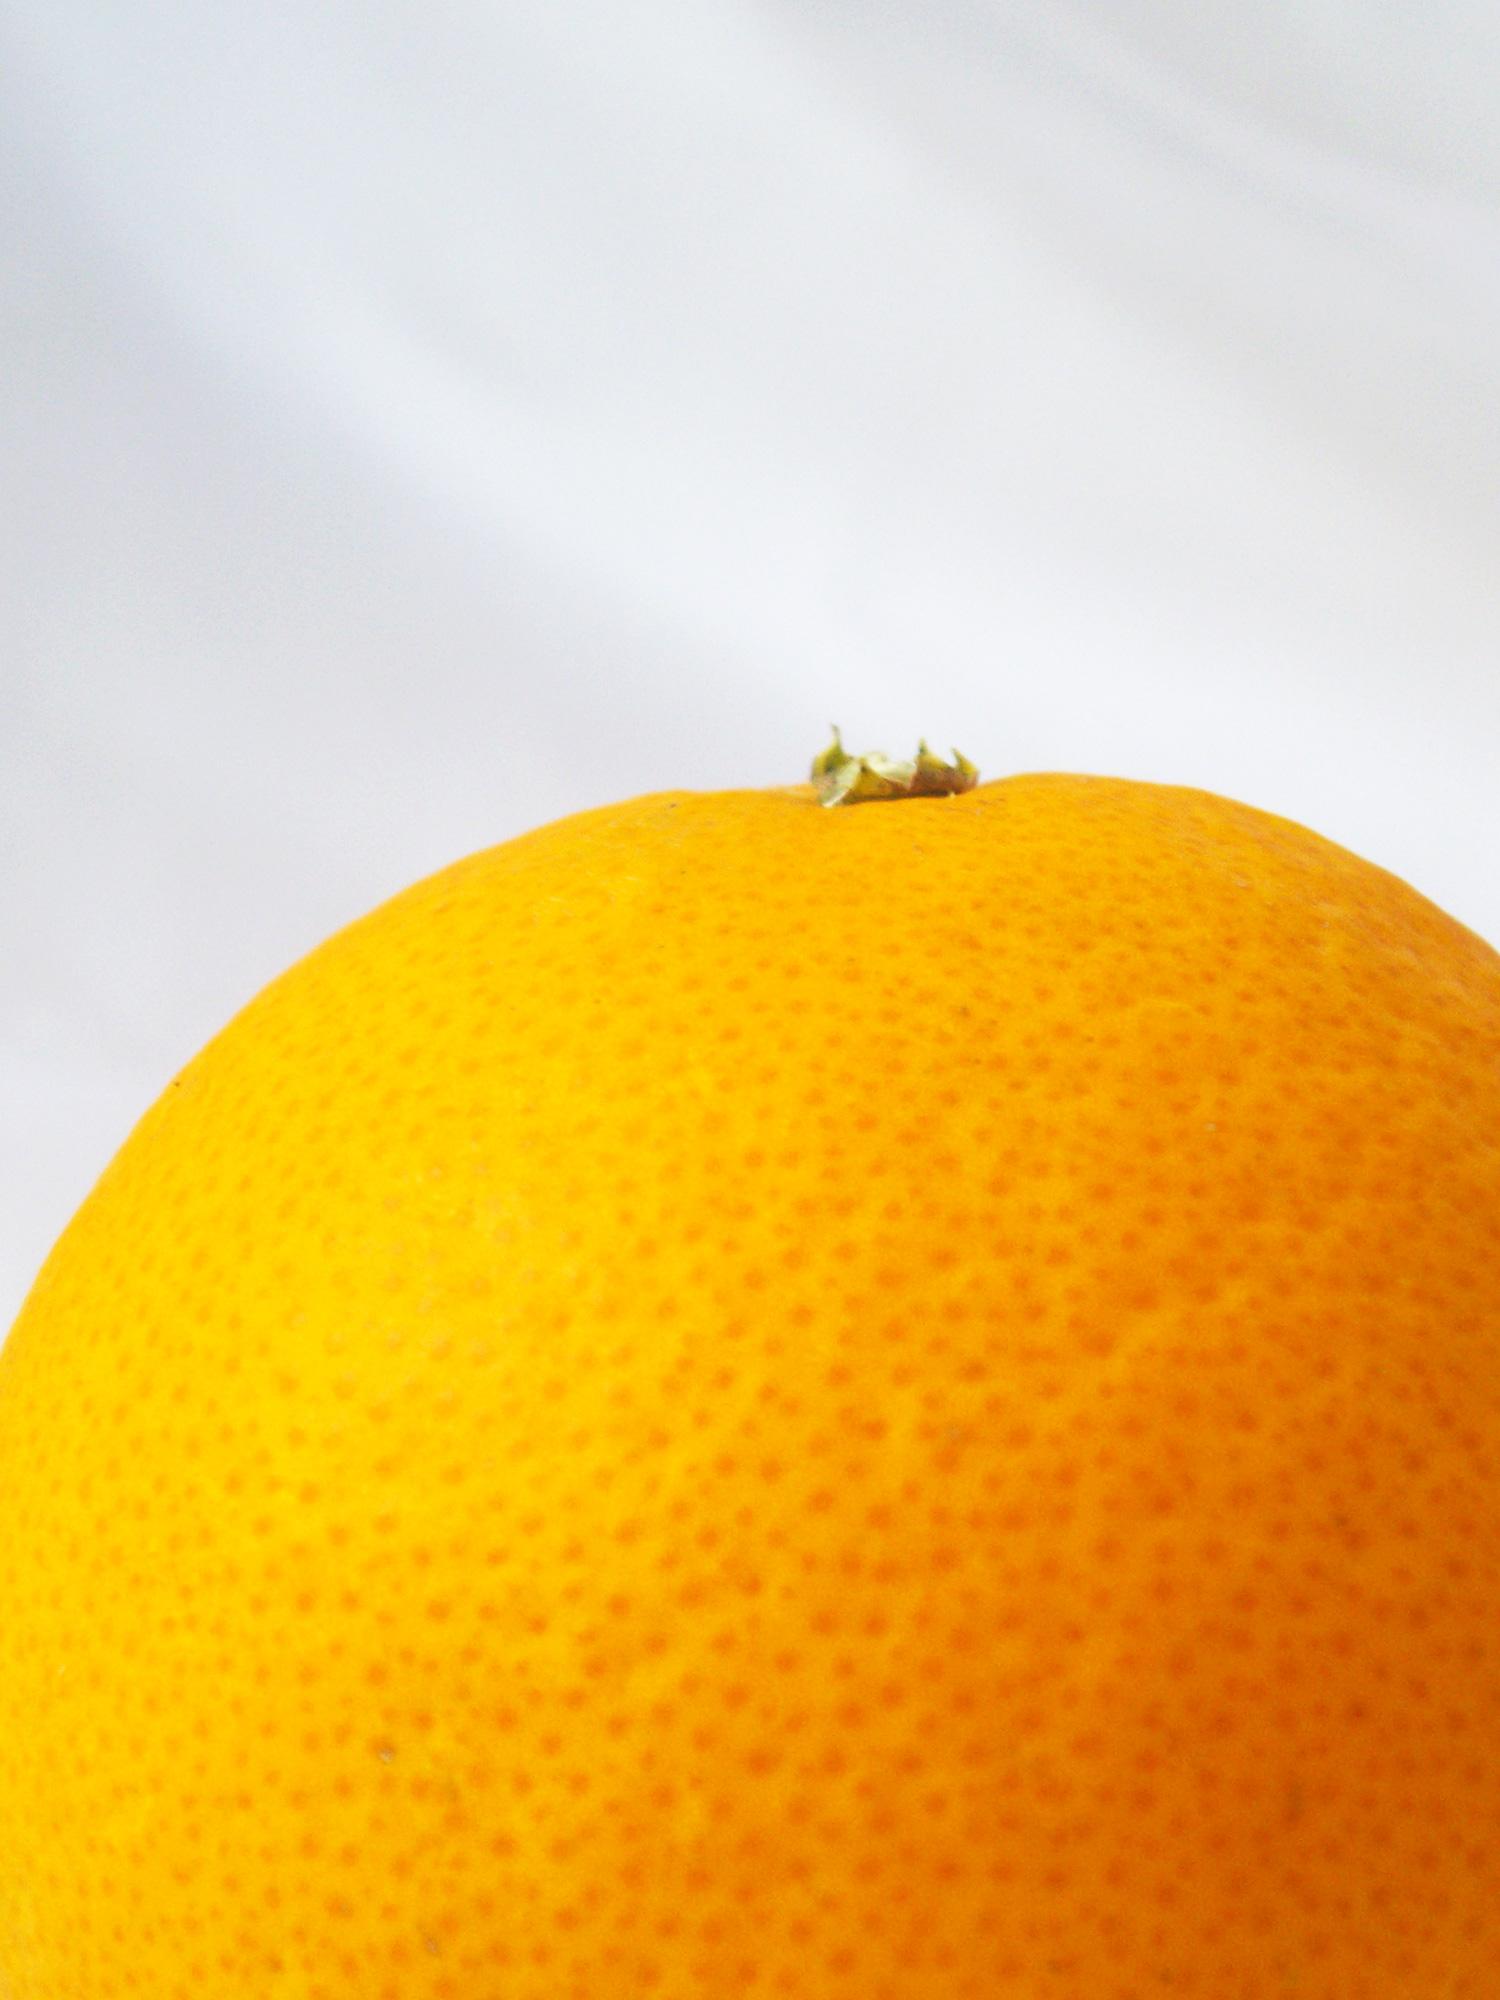 横から見たオレンジの無料写真素材